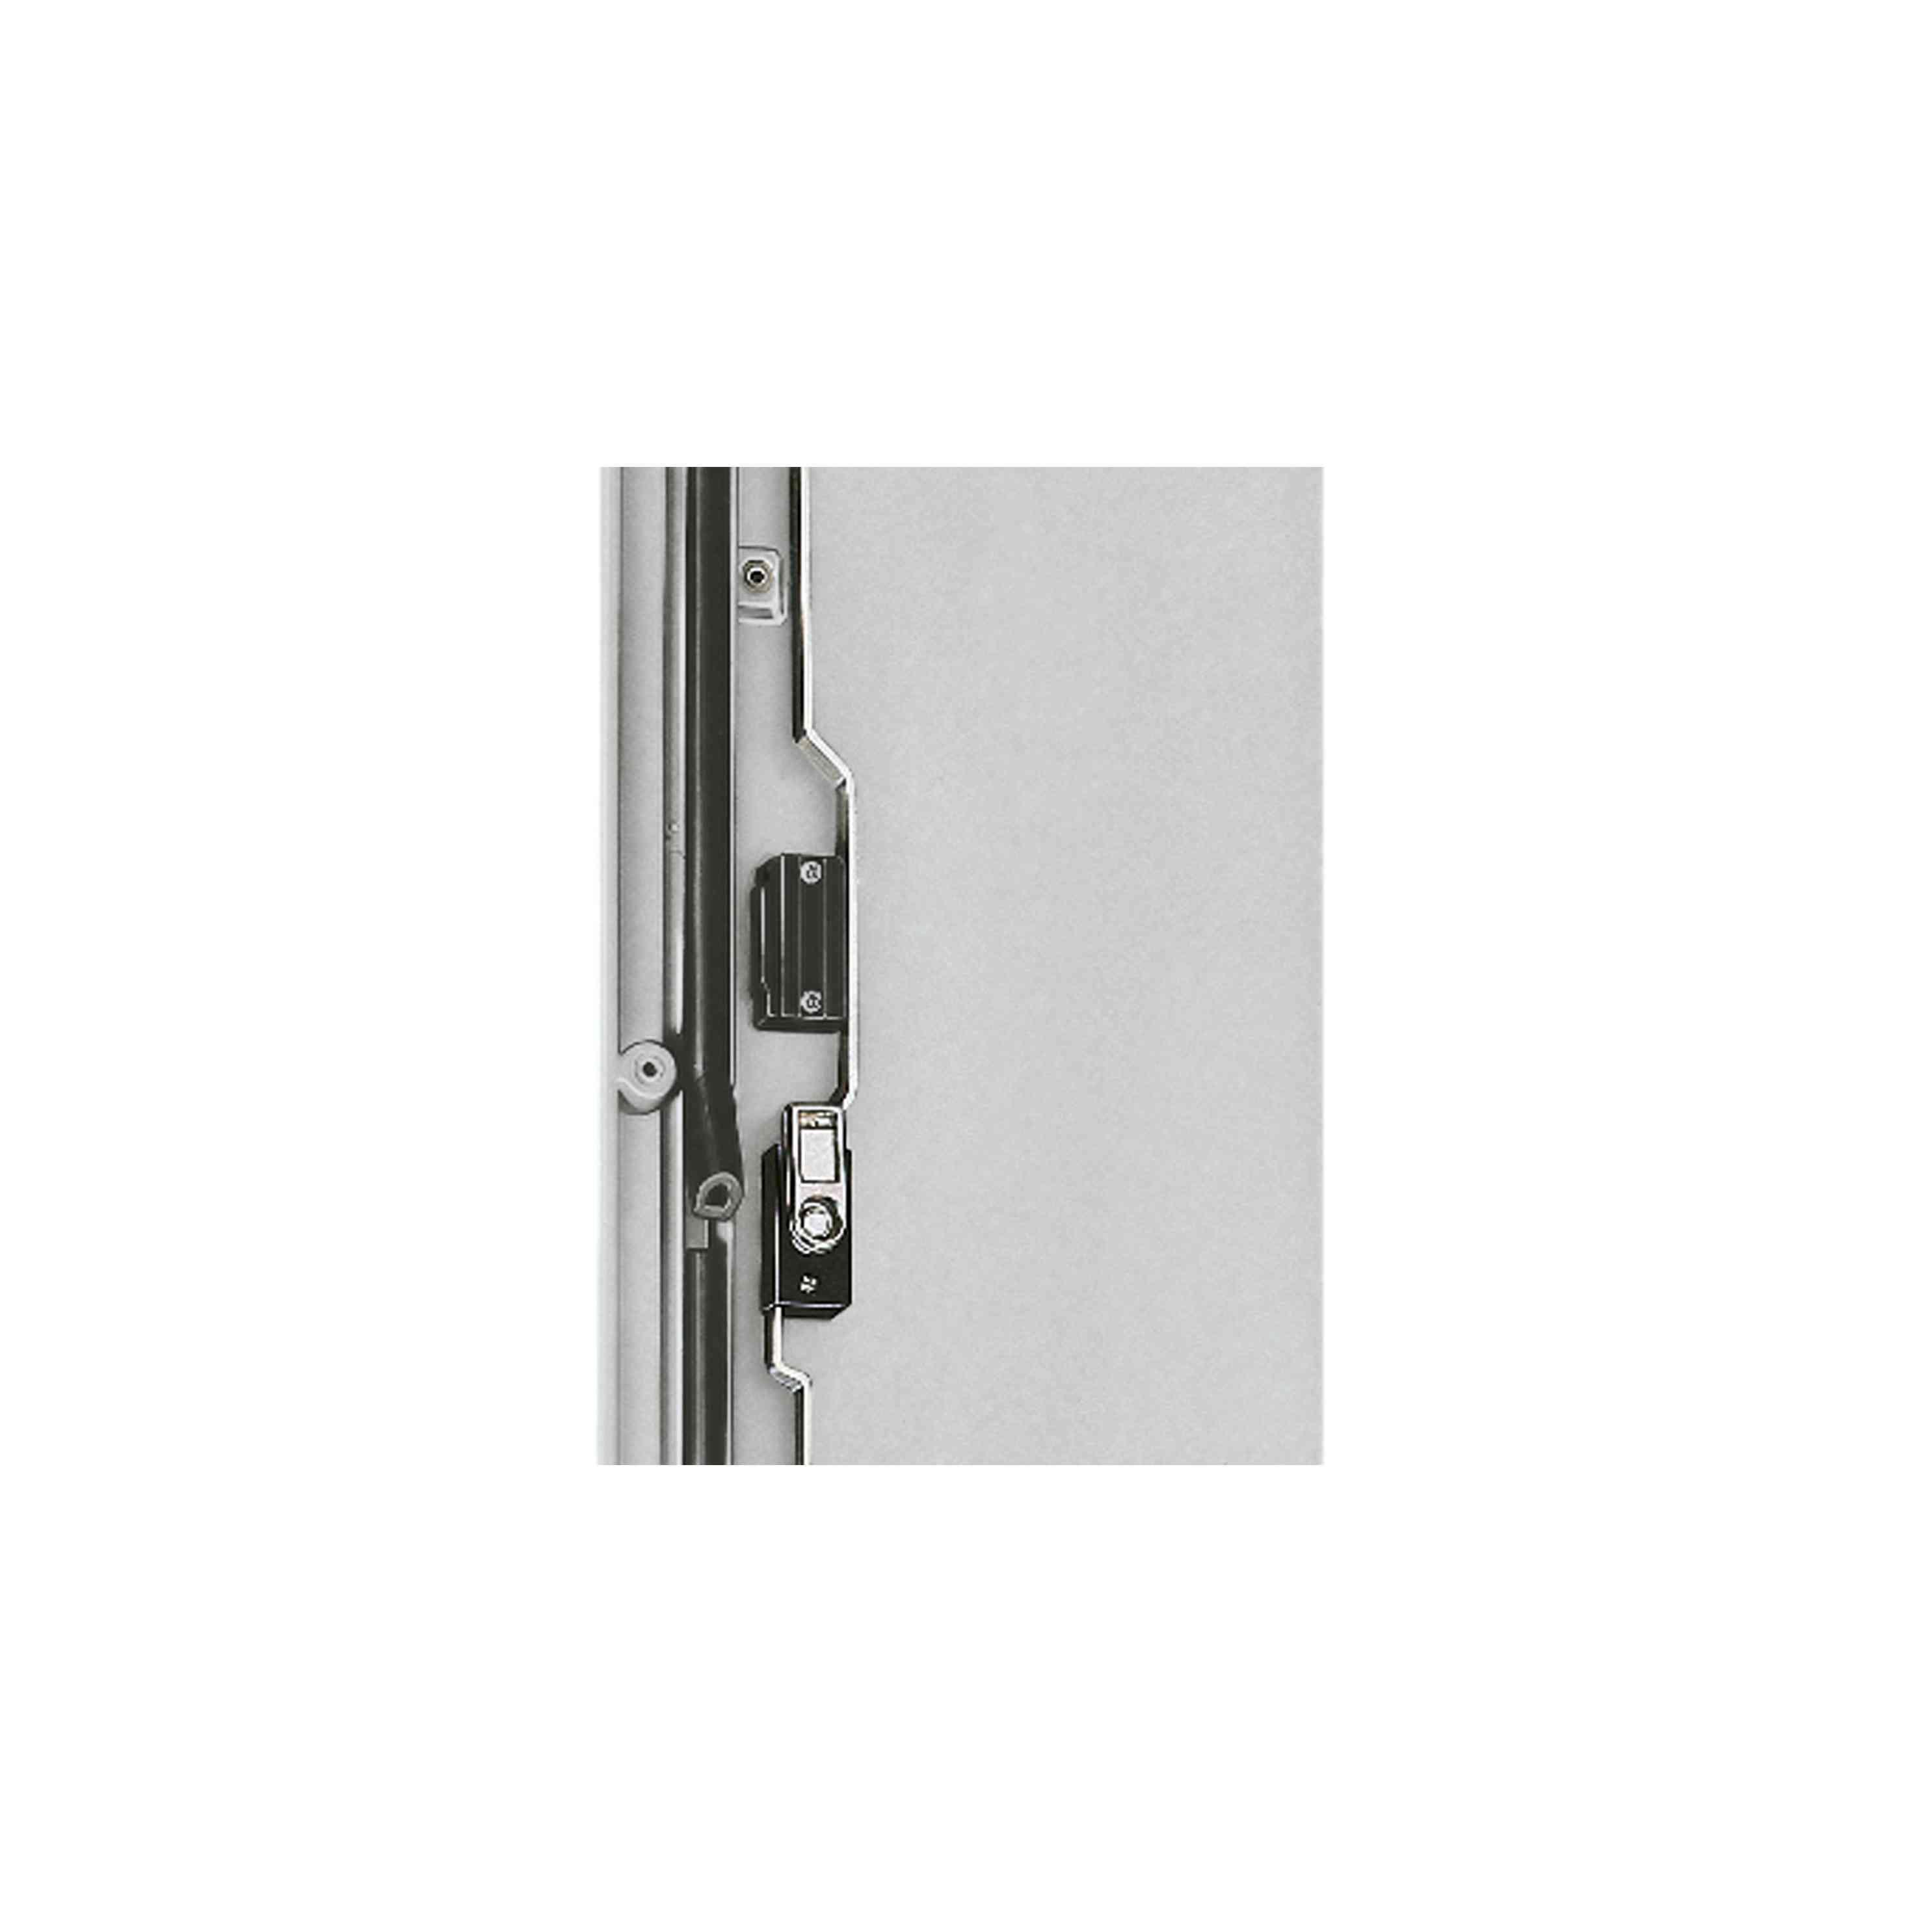 Tesnilo za omaro Thalassa PLD, širina 1115 mm